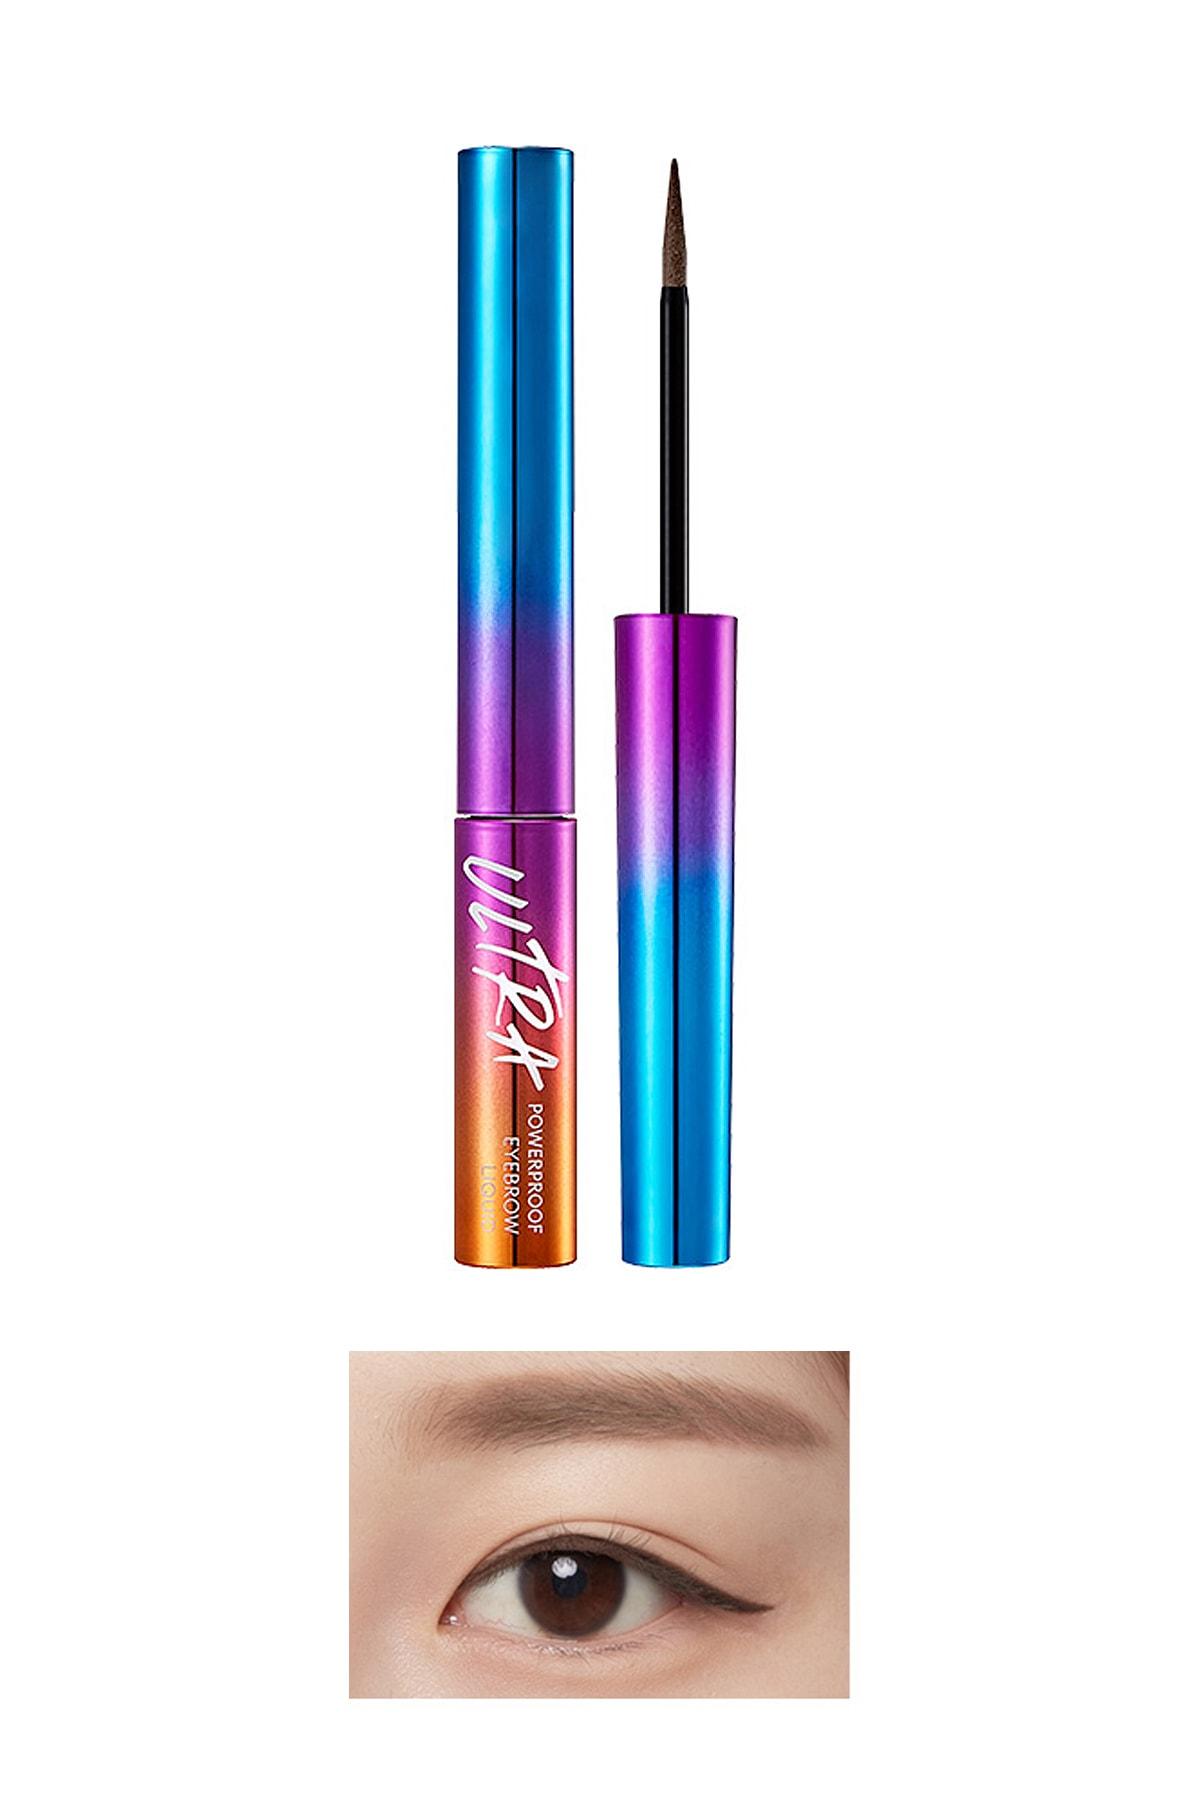 Missha Kalıcı Likit Kaş Şekillendirici Ultra Powerproof Eyebrow Liquid [Gray Brown] 0